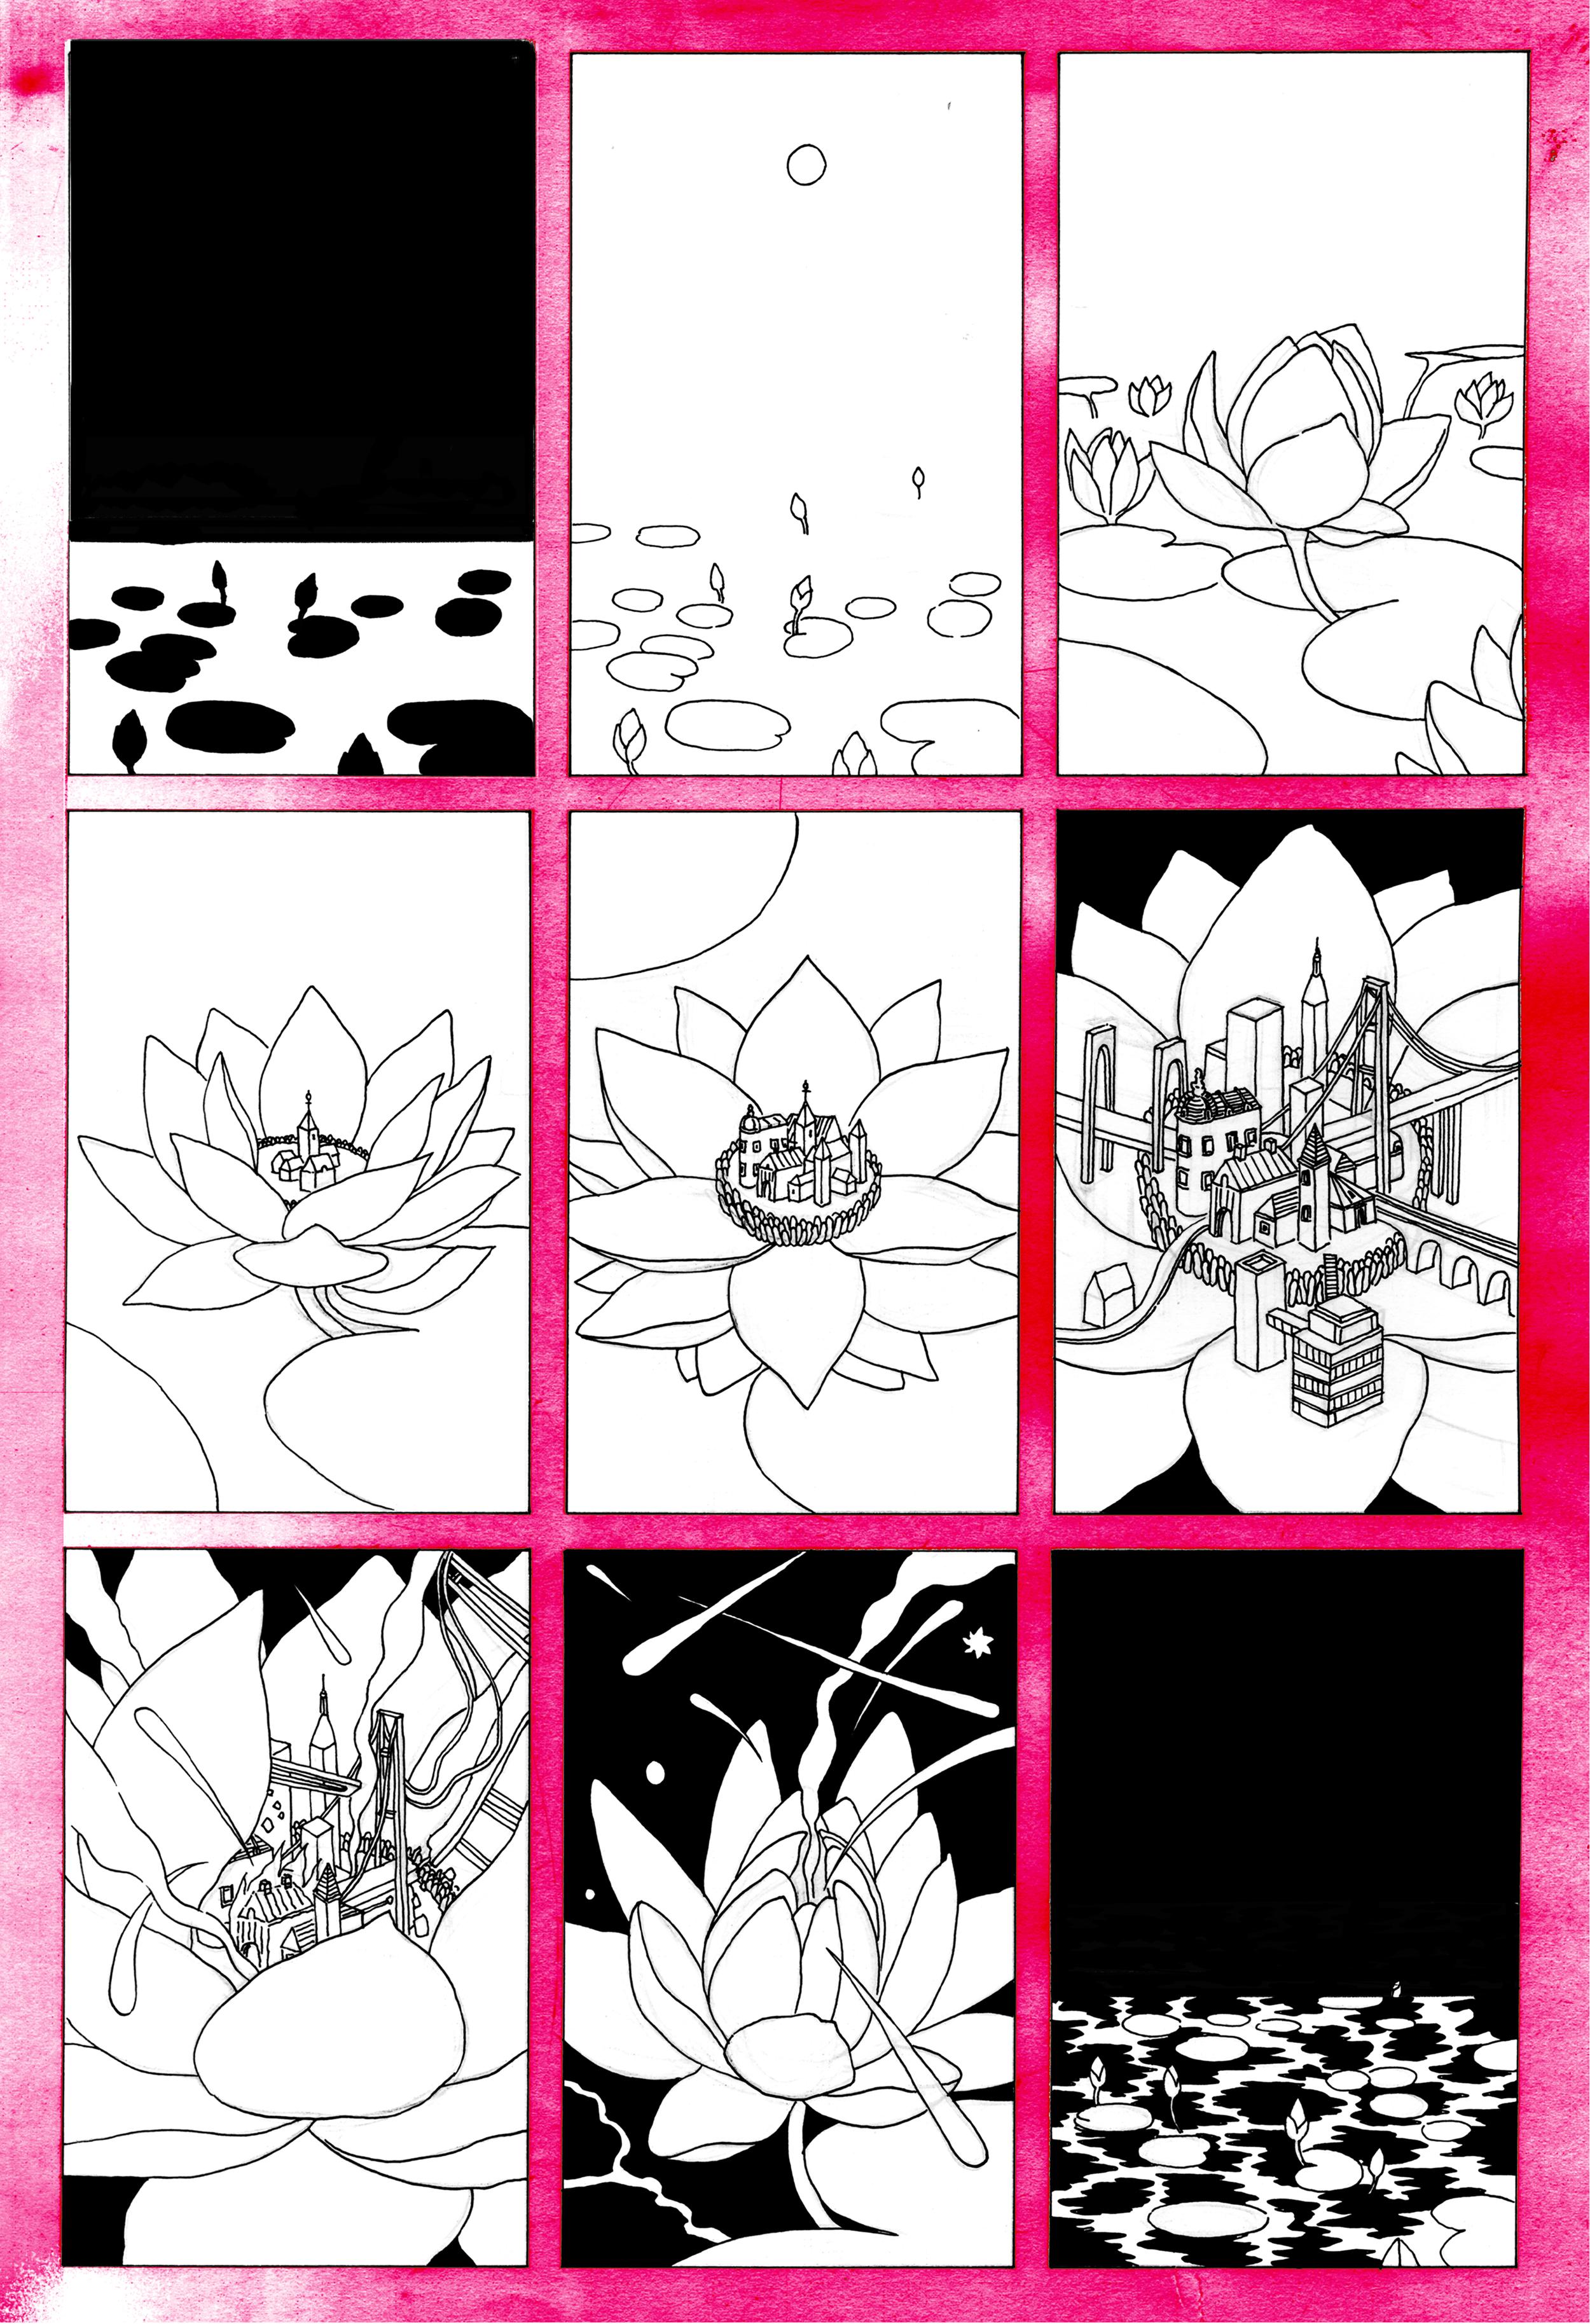 Kuti_lotus_SofieLouiseDam copy.JPG